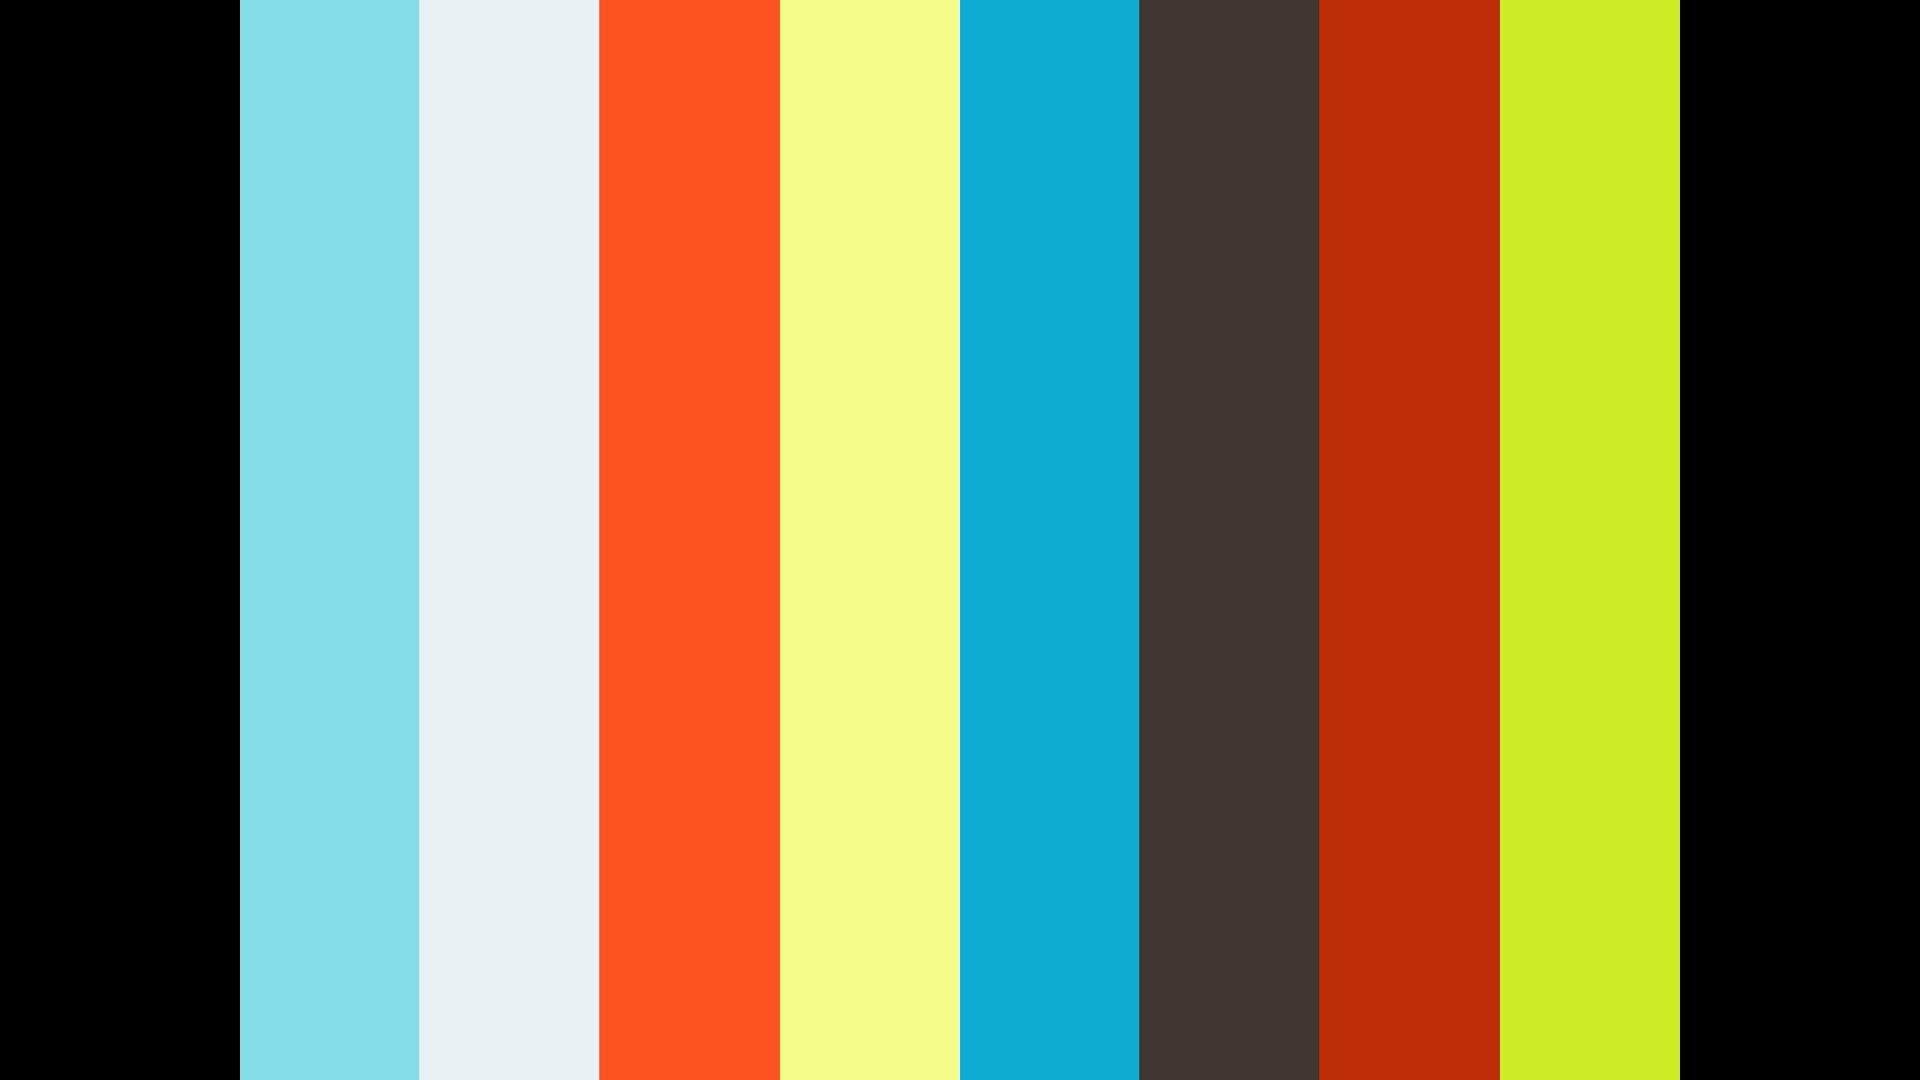 Kit Merker – TechStrong TV